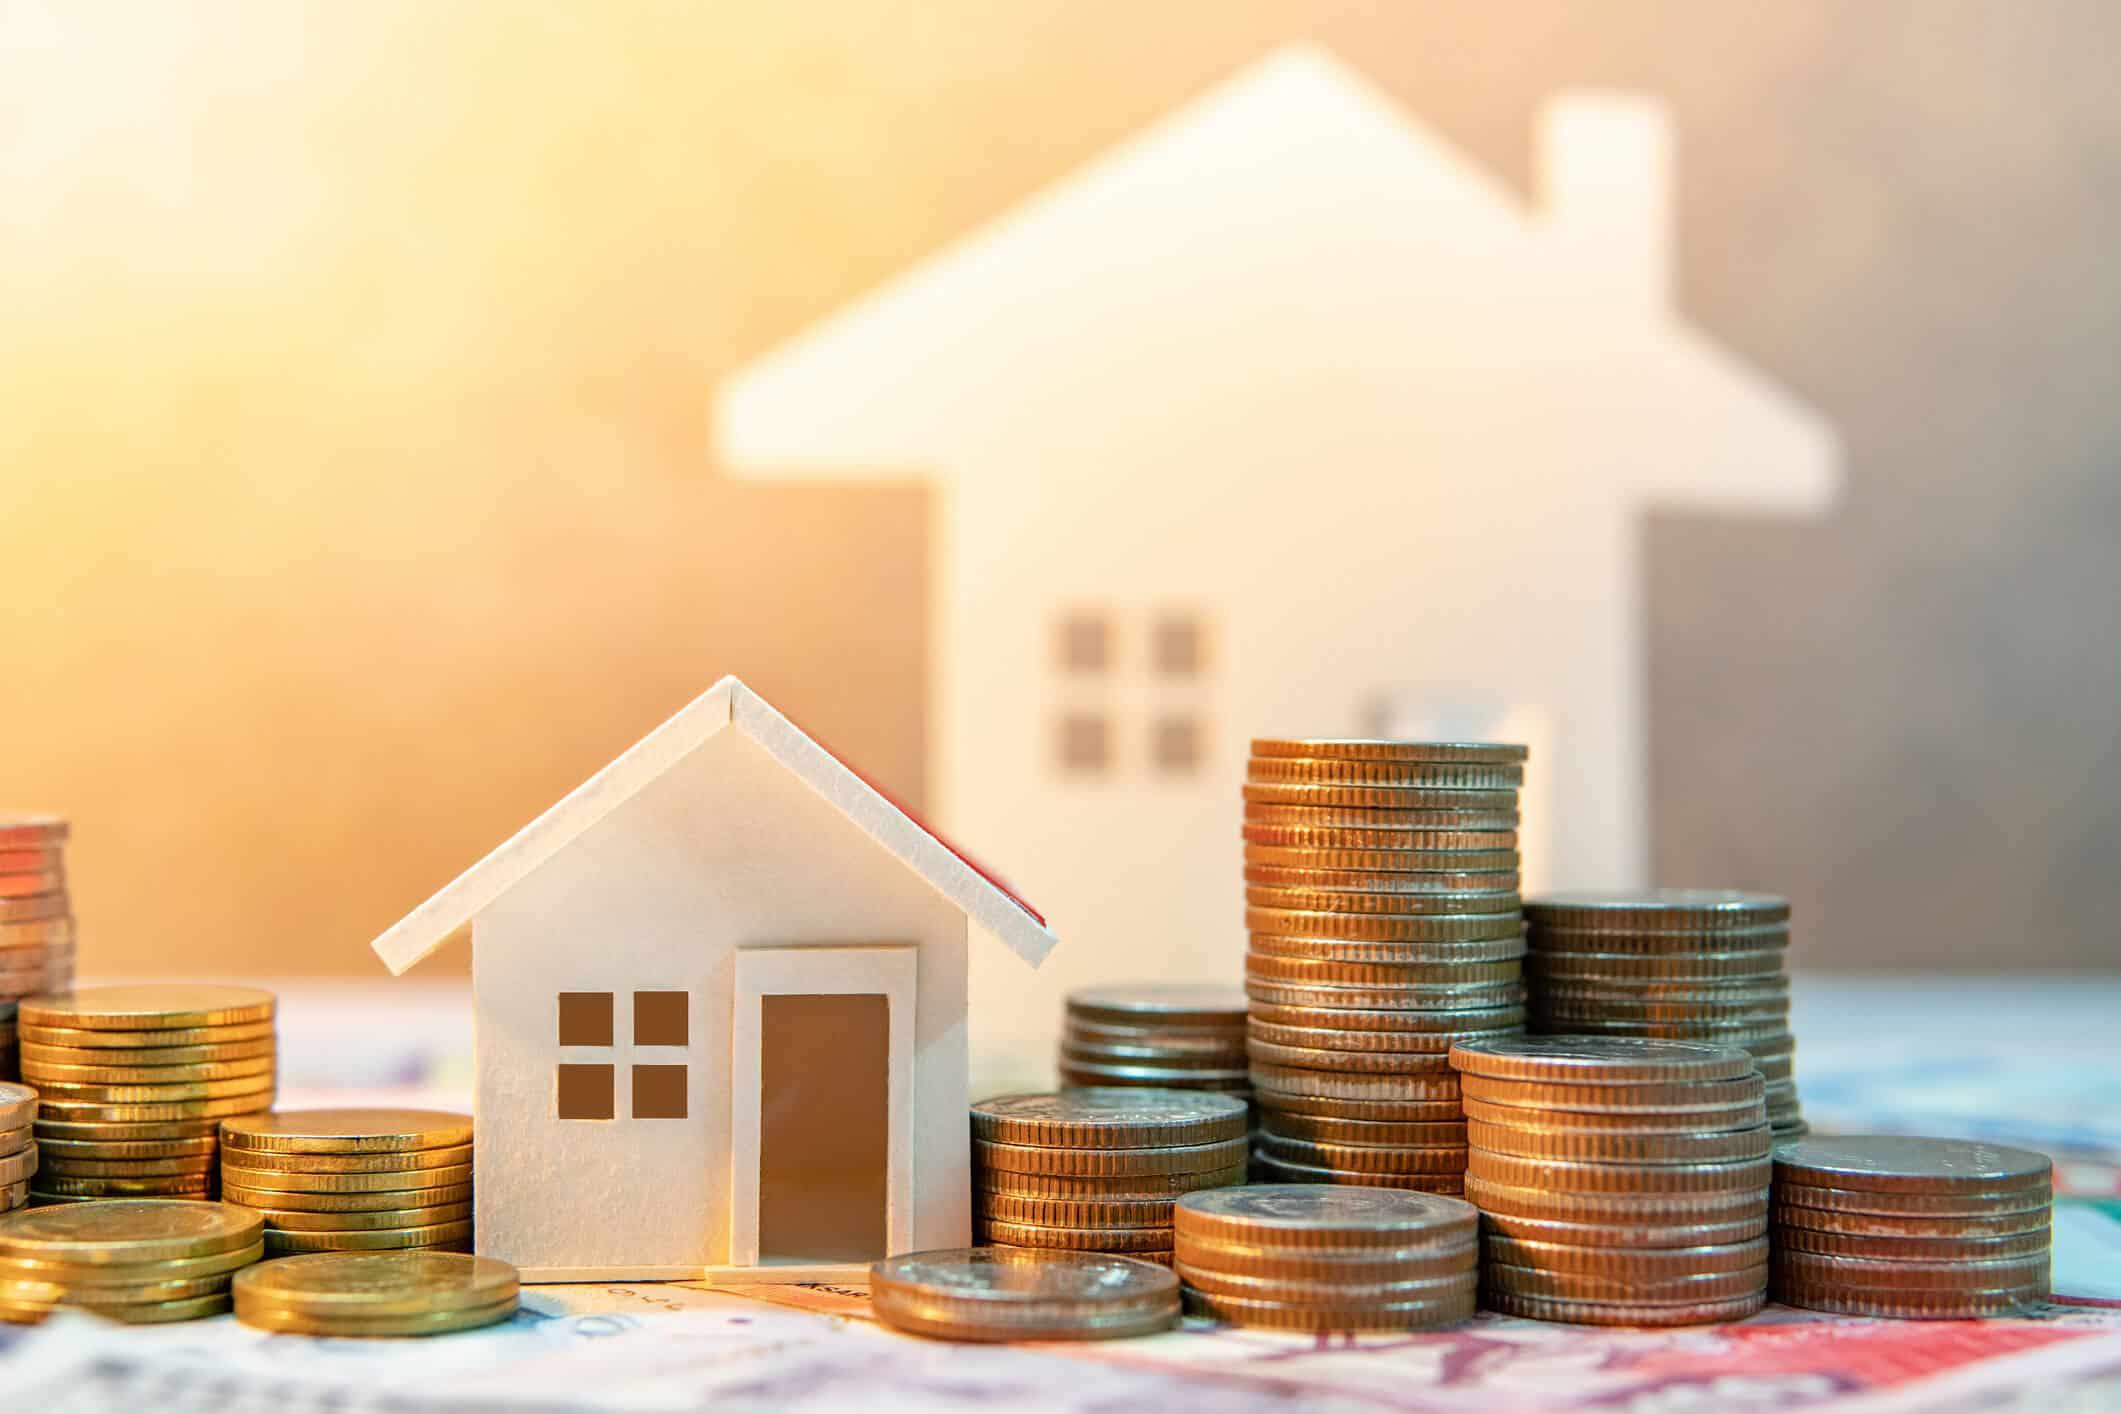 Financiamento de imóvel pode ser usado como margem para novo empréstimo (Imagem: Reprodução - Google)